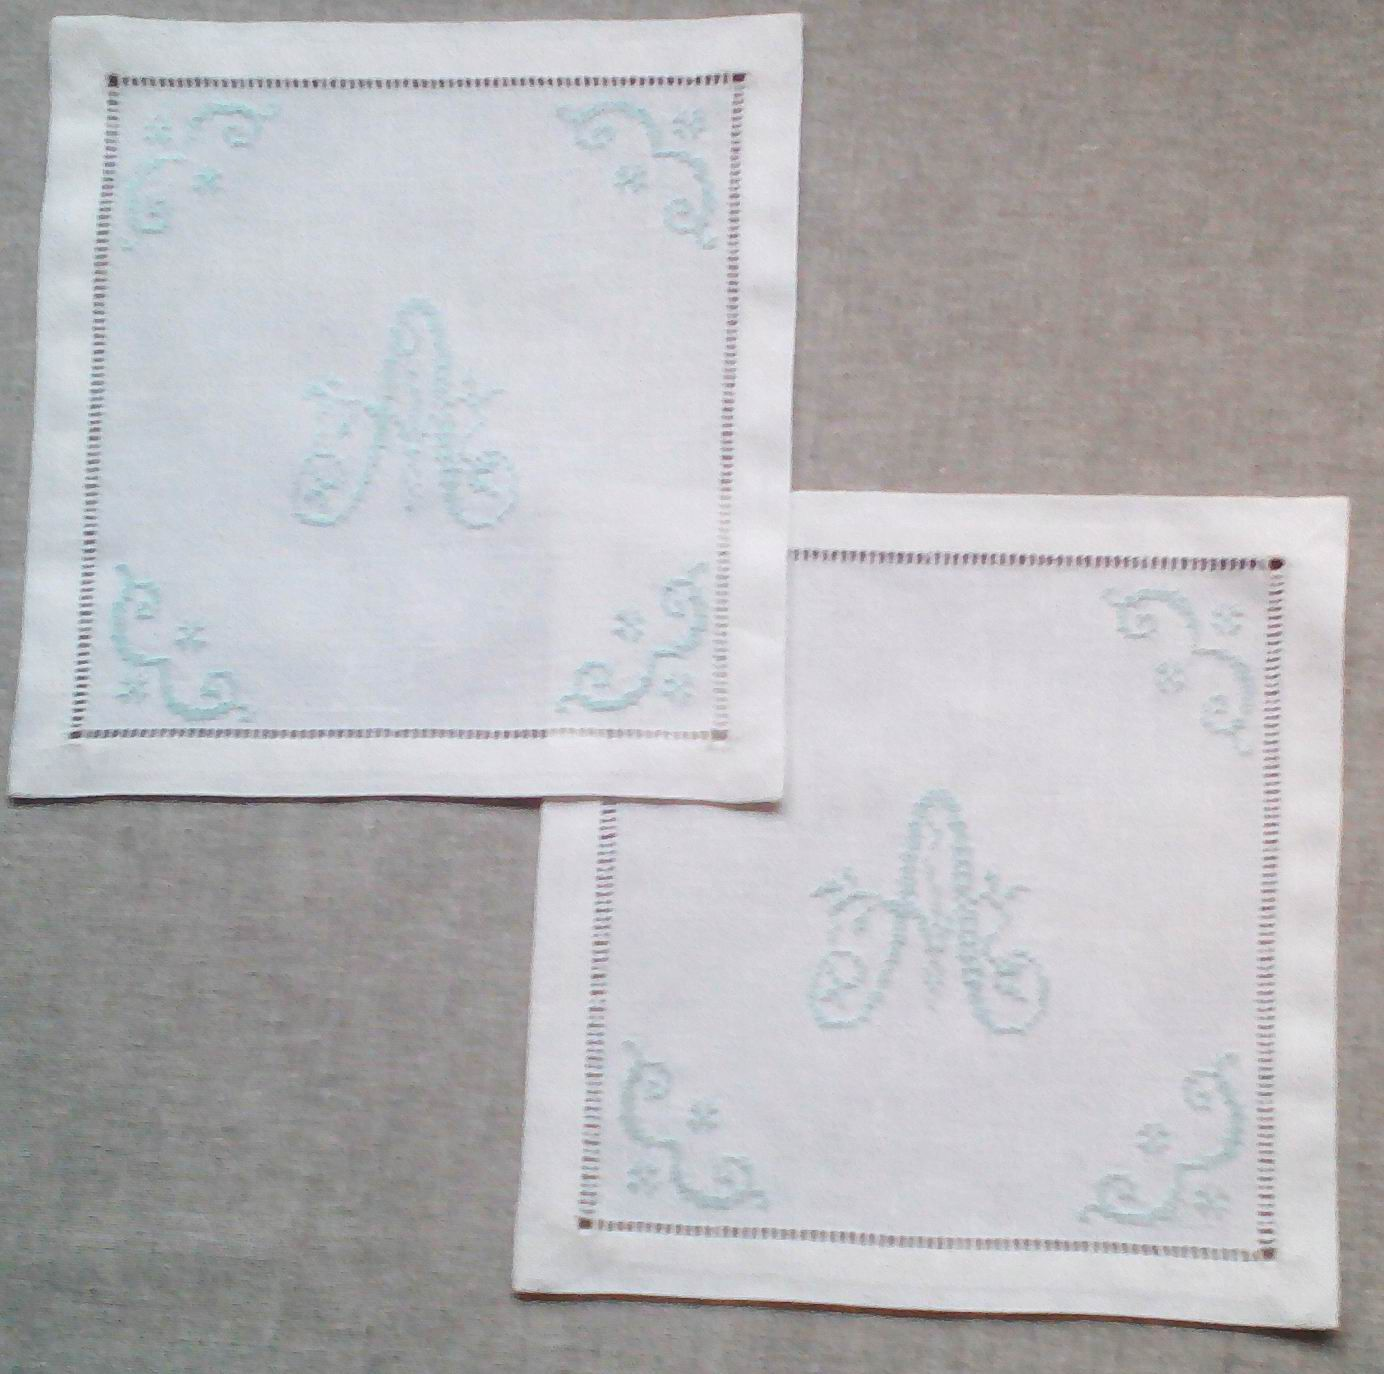 многоразовое двусторонняя стола вышивка сервировка ткань льняная белье столовое салфетка использование